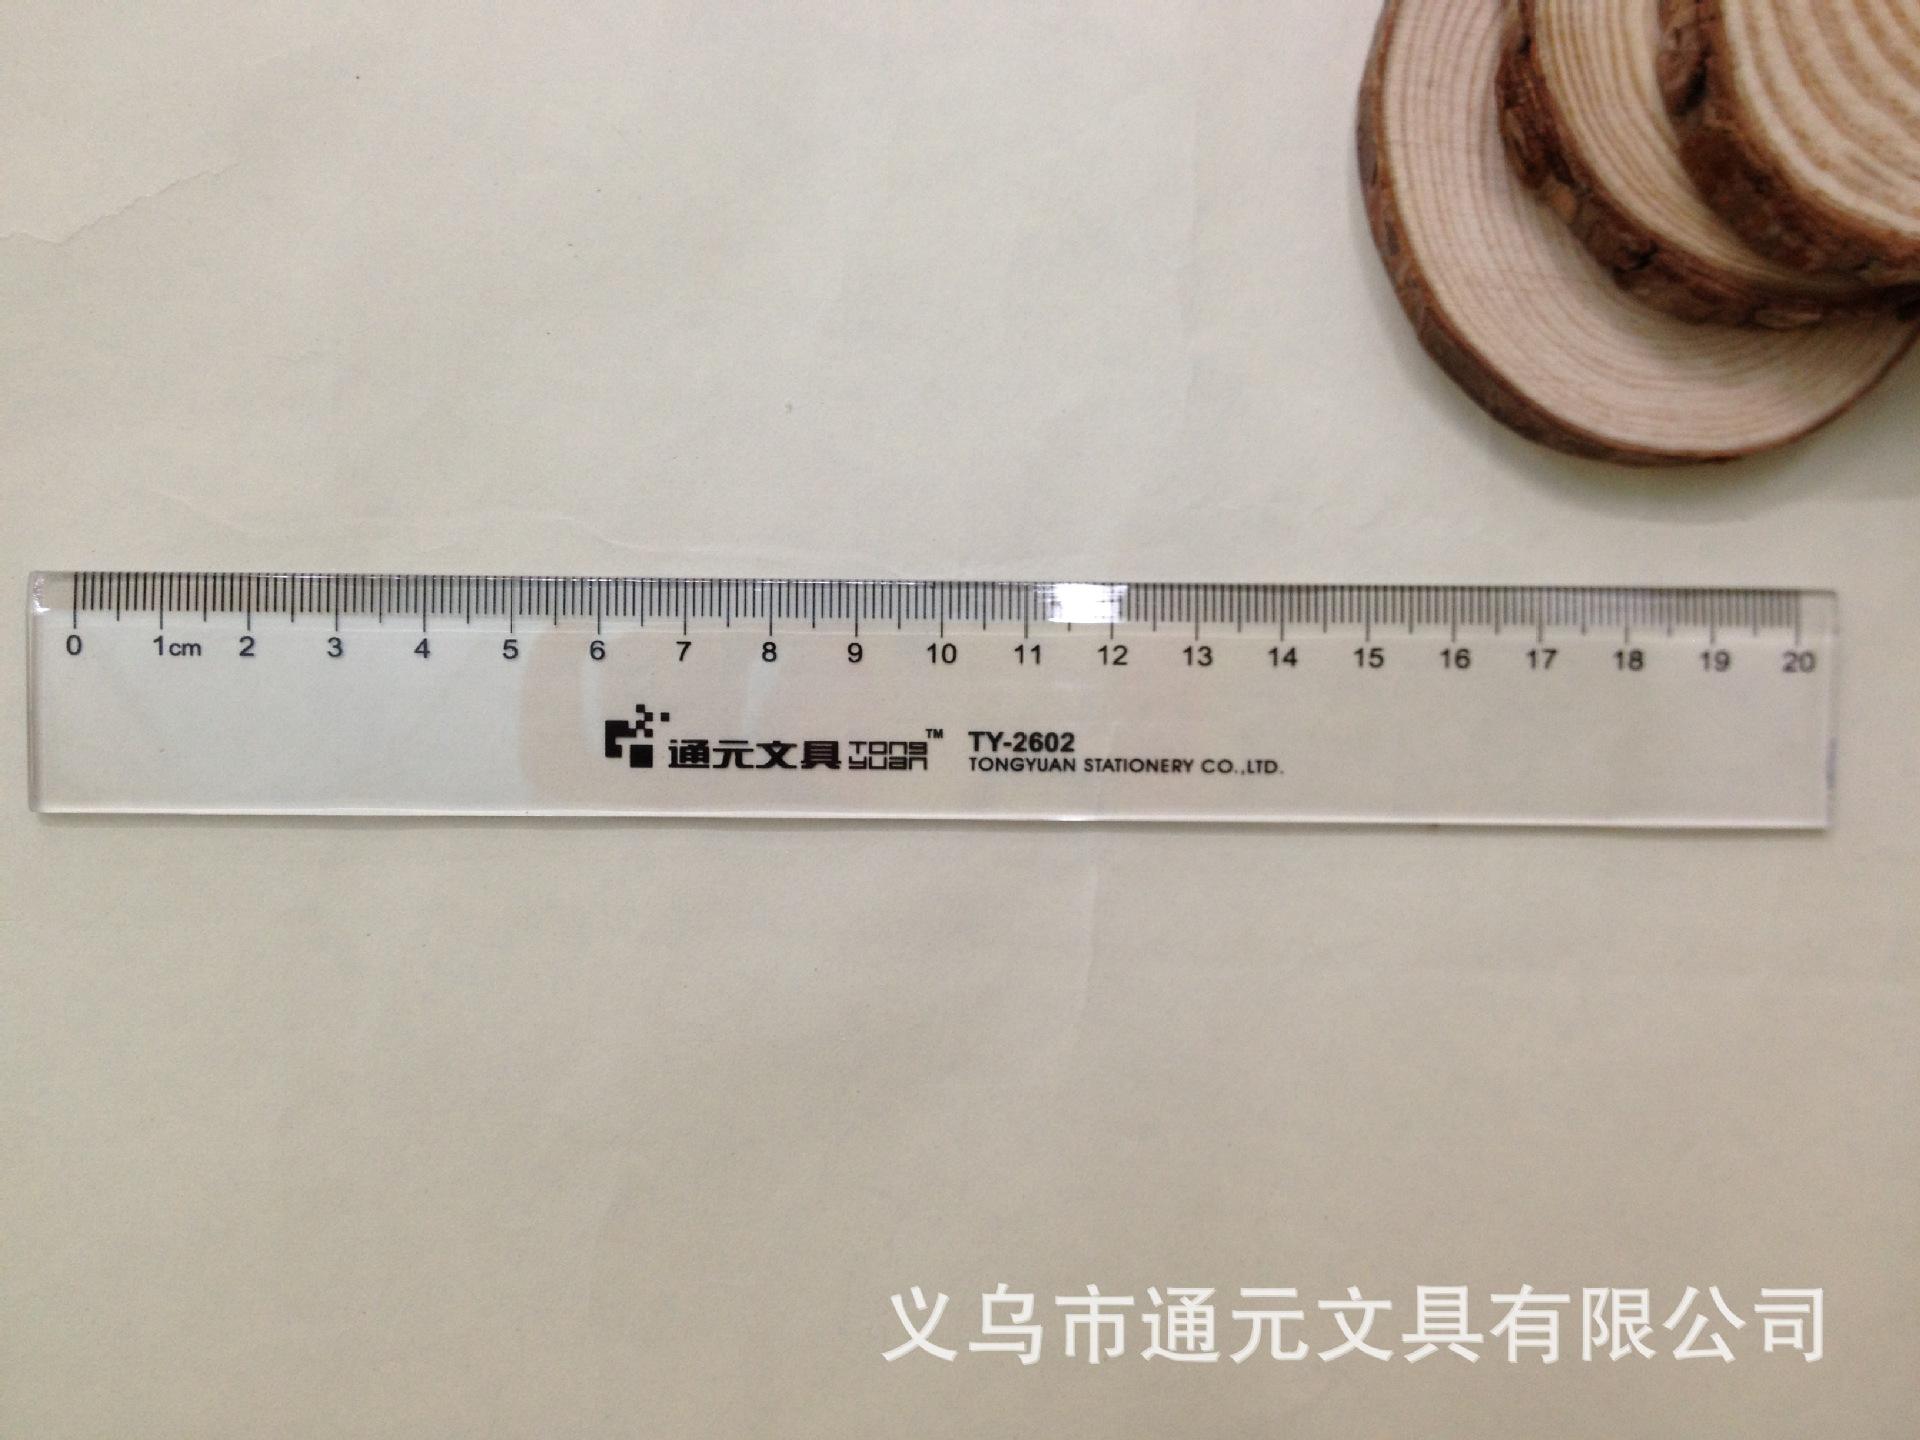 20厘米 尺子 标准图图片下载 20厘米 尺子 标准图打包 ...